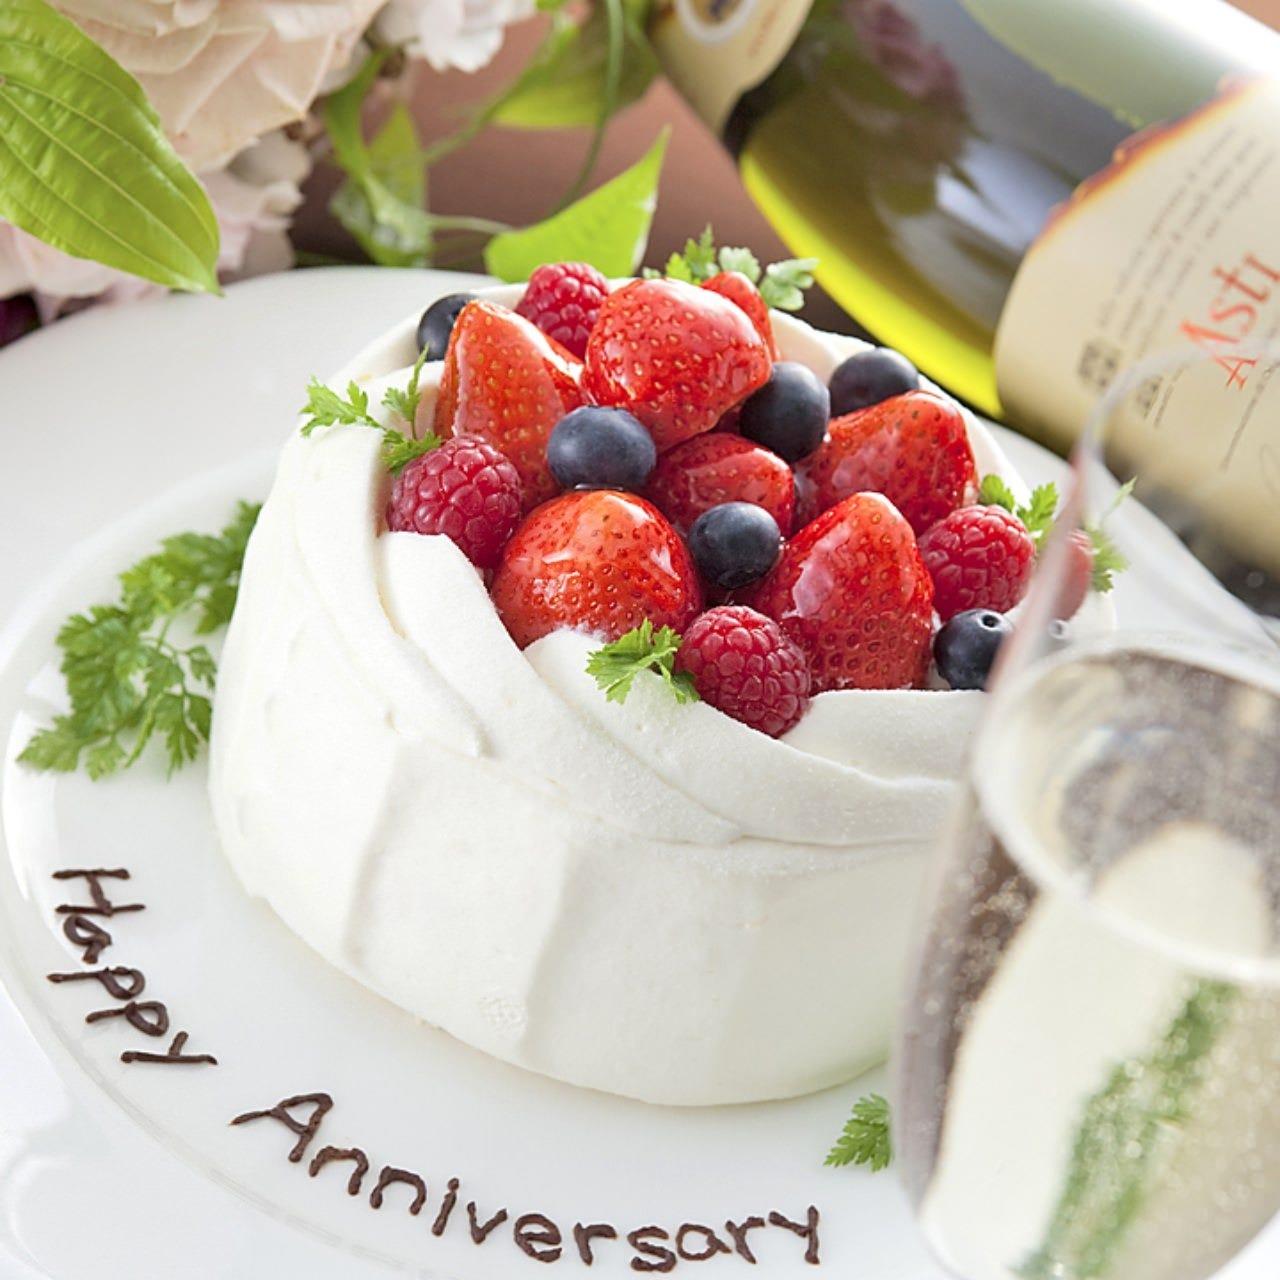 Anniversaryコース:5,000円 (税込)〜